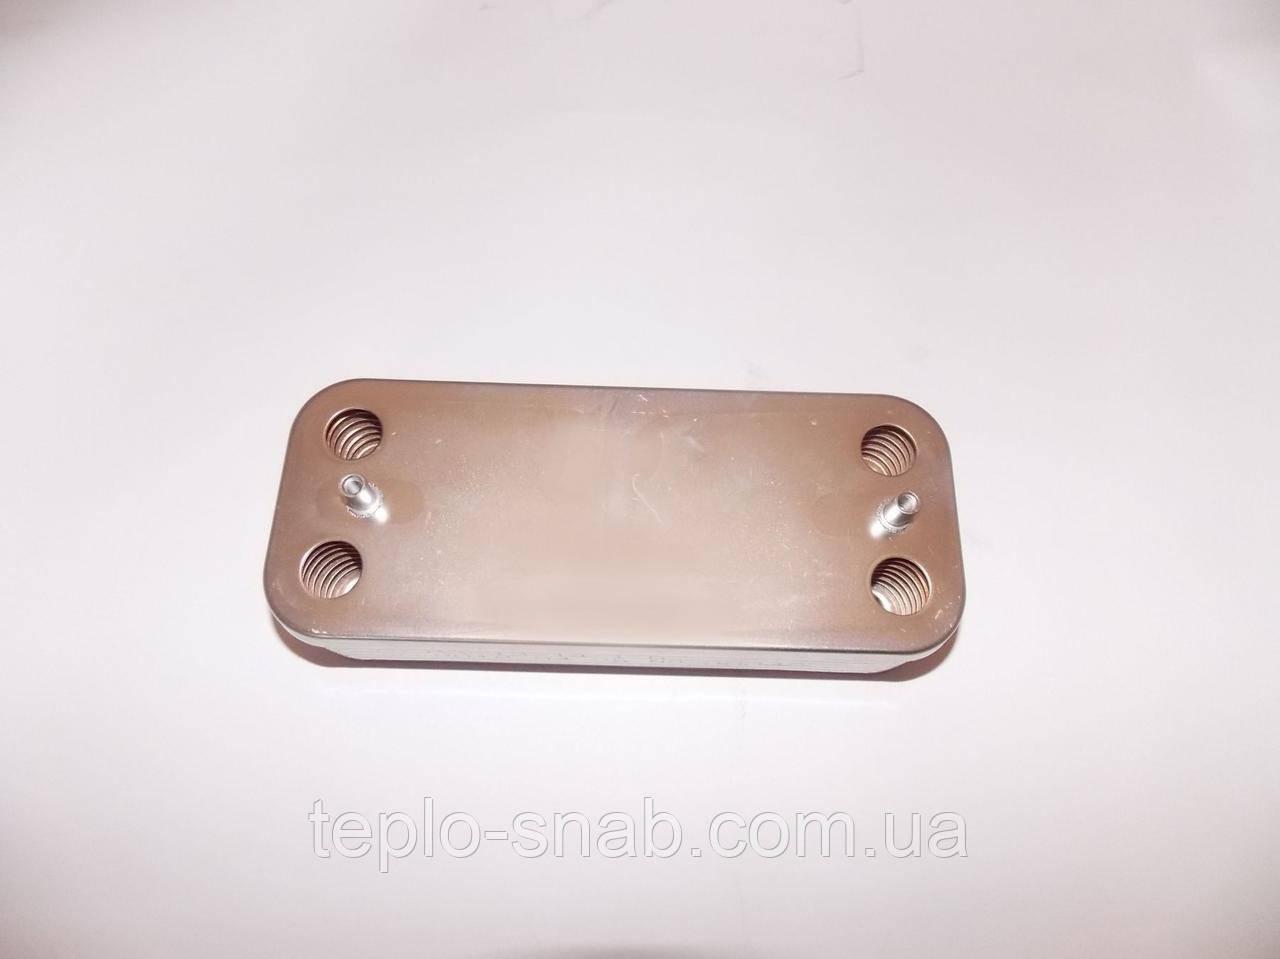 Вторинний теплообмінник Ariston/Chaffoteaux. 10 пл. 995945, 61302409